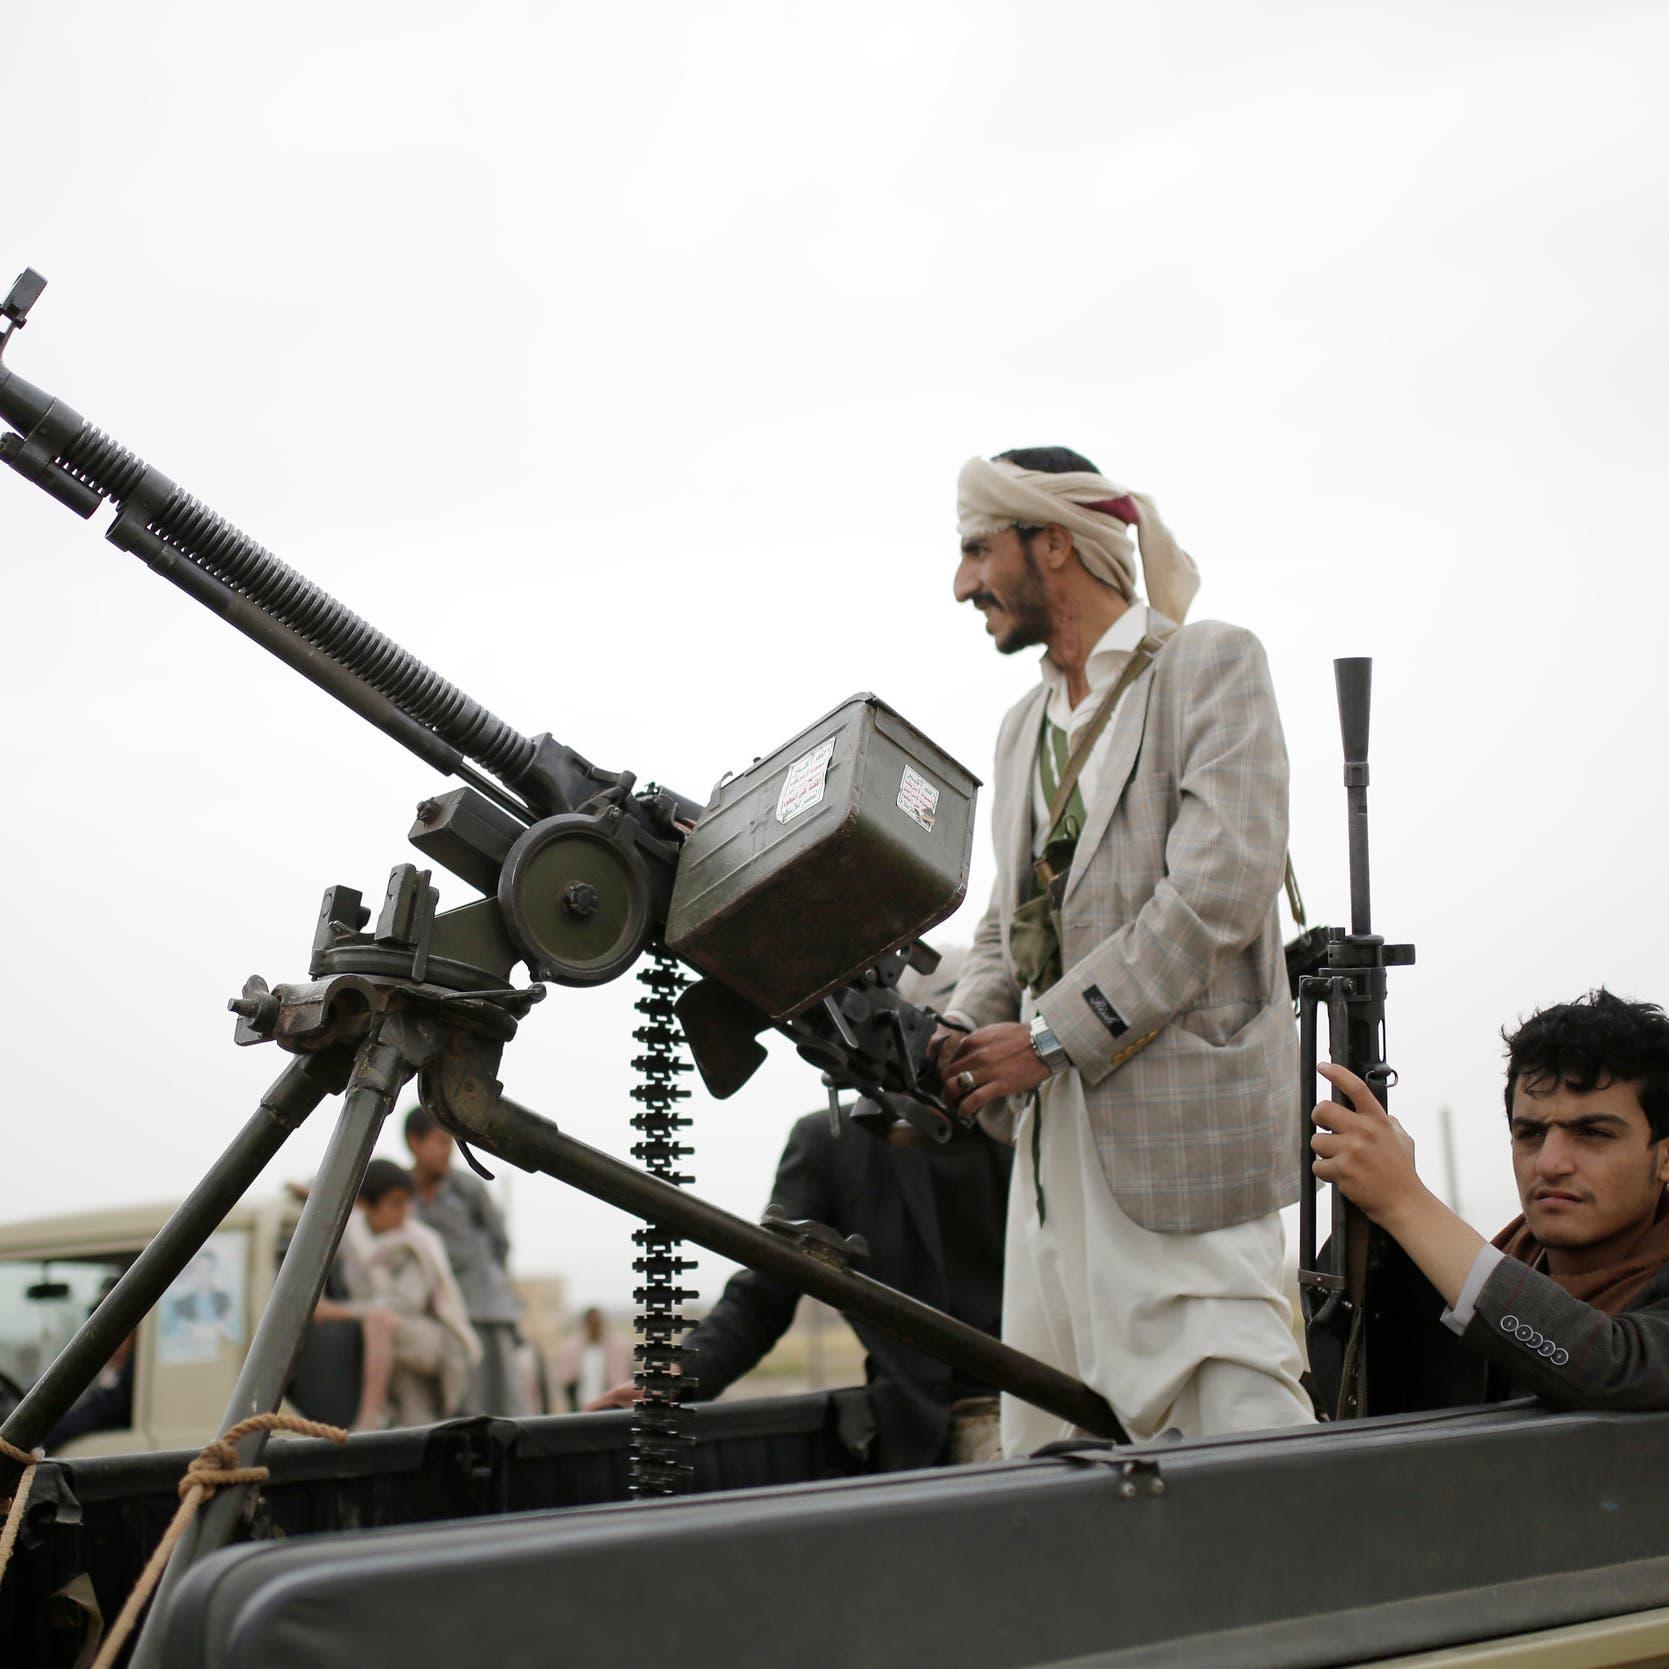 الأمم المتحدة تتهم الحوثي بنهب المساعدات الإنسانية